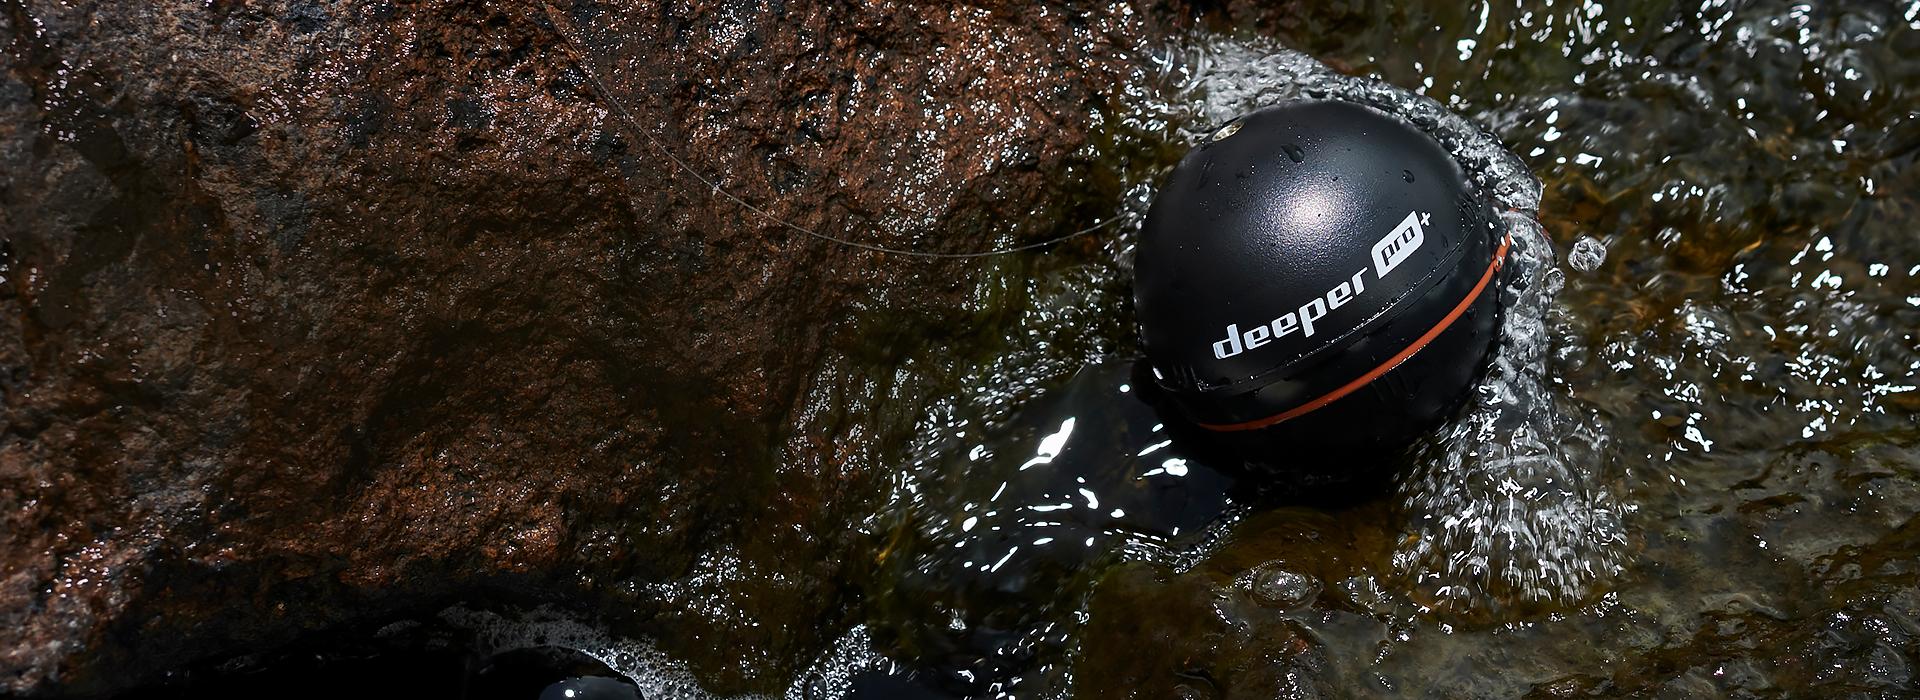 Préparez-vous pour la nouvelle vague de pêche!Obtenez un sondeur Deeper dès 189.99 €